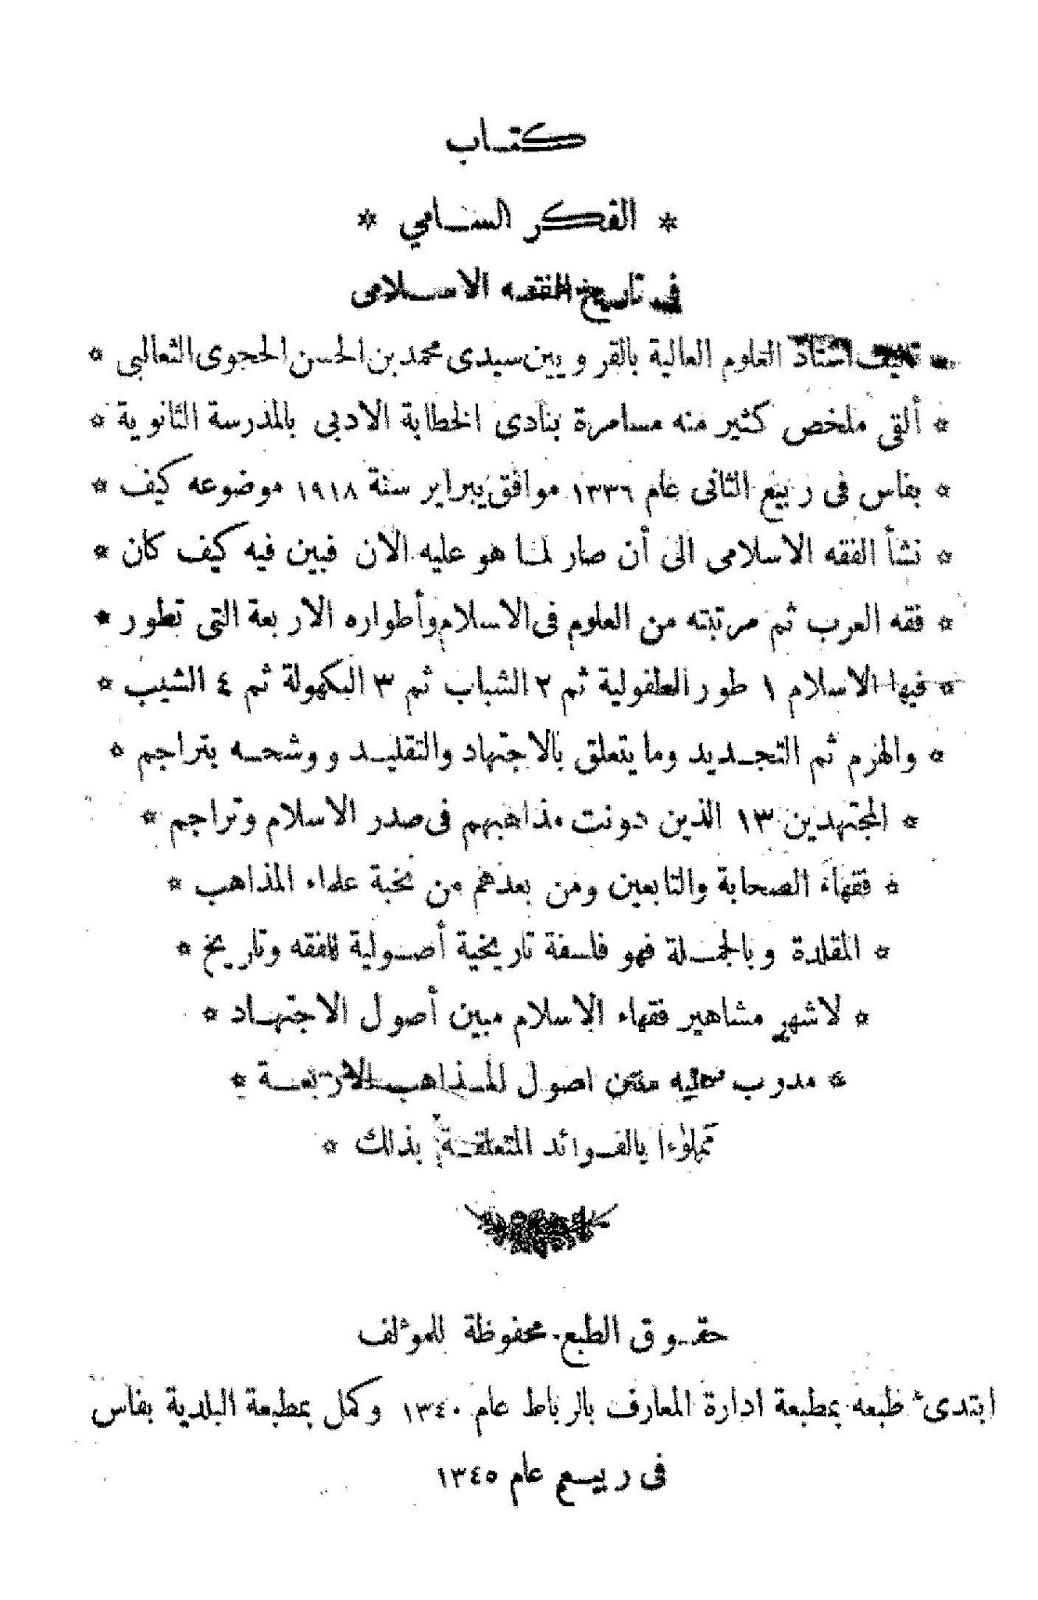 الفكر السامي في تاريخ الفقه الإسلامي - محمد بن الحسن الحجوي الثعالبي pdf